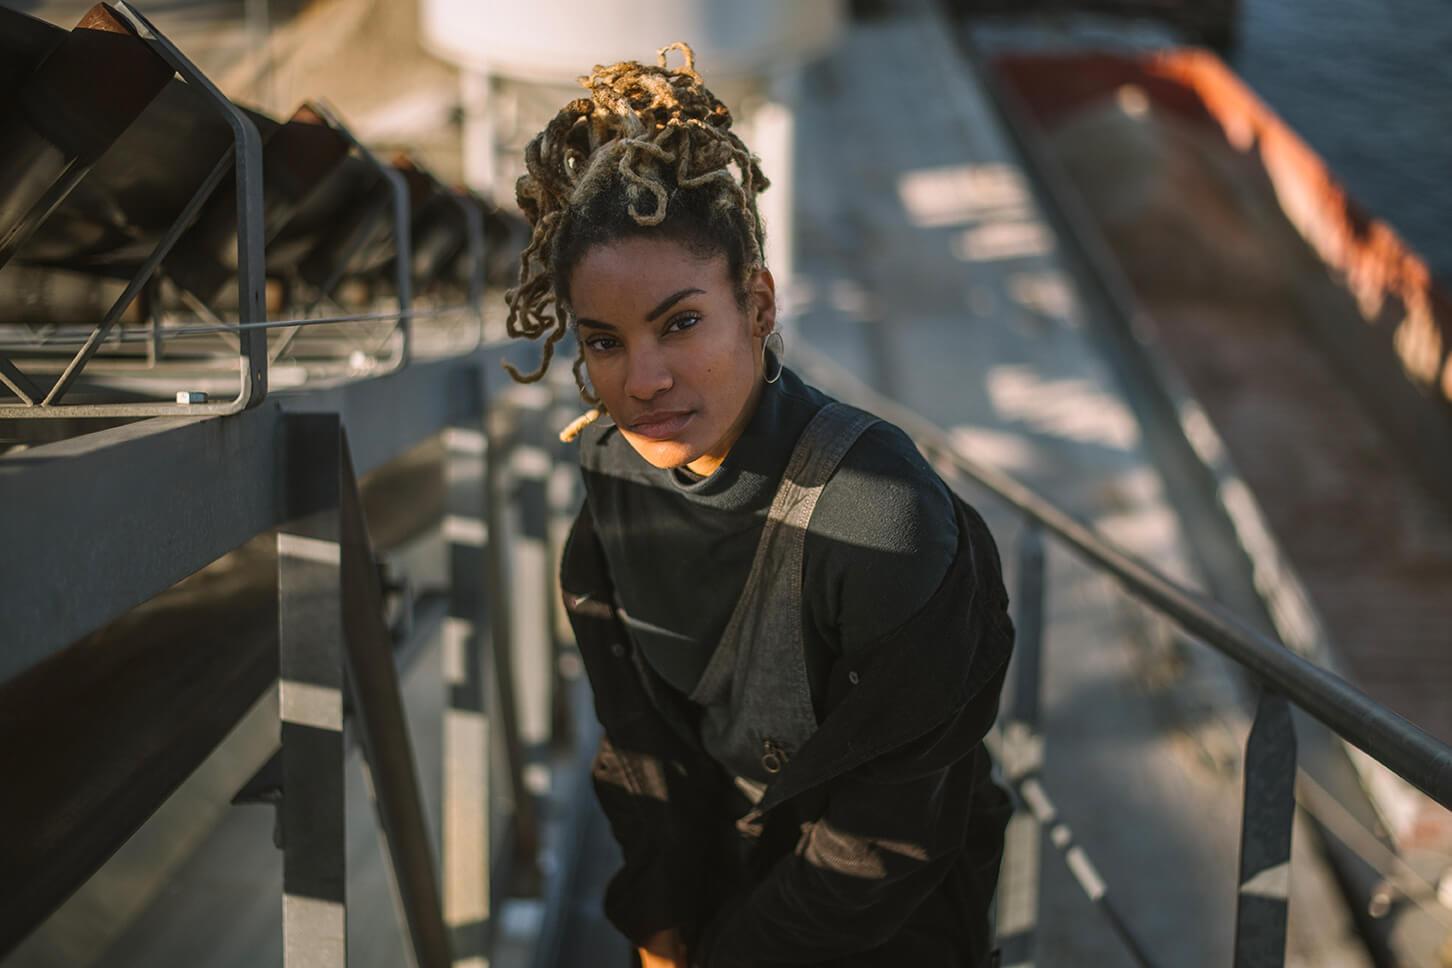 Photographie de portrait de Jessie Nadu par Laura Van Puymbroeck